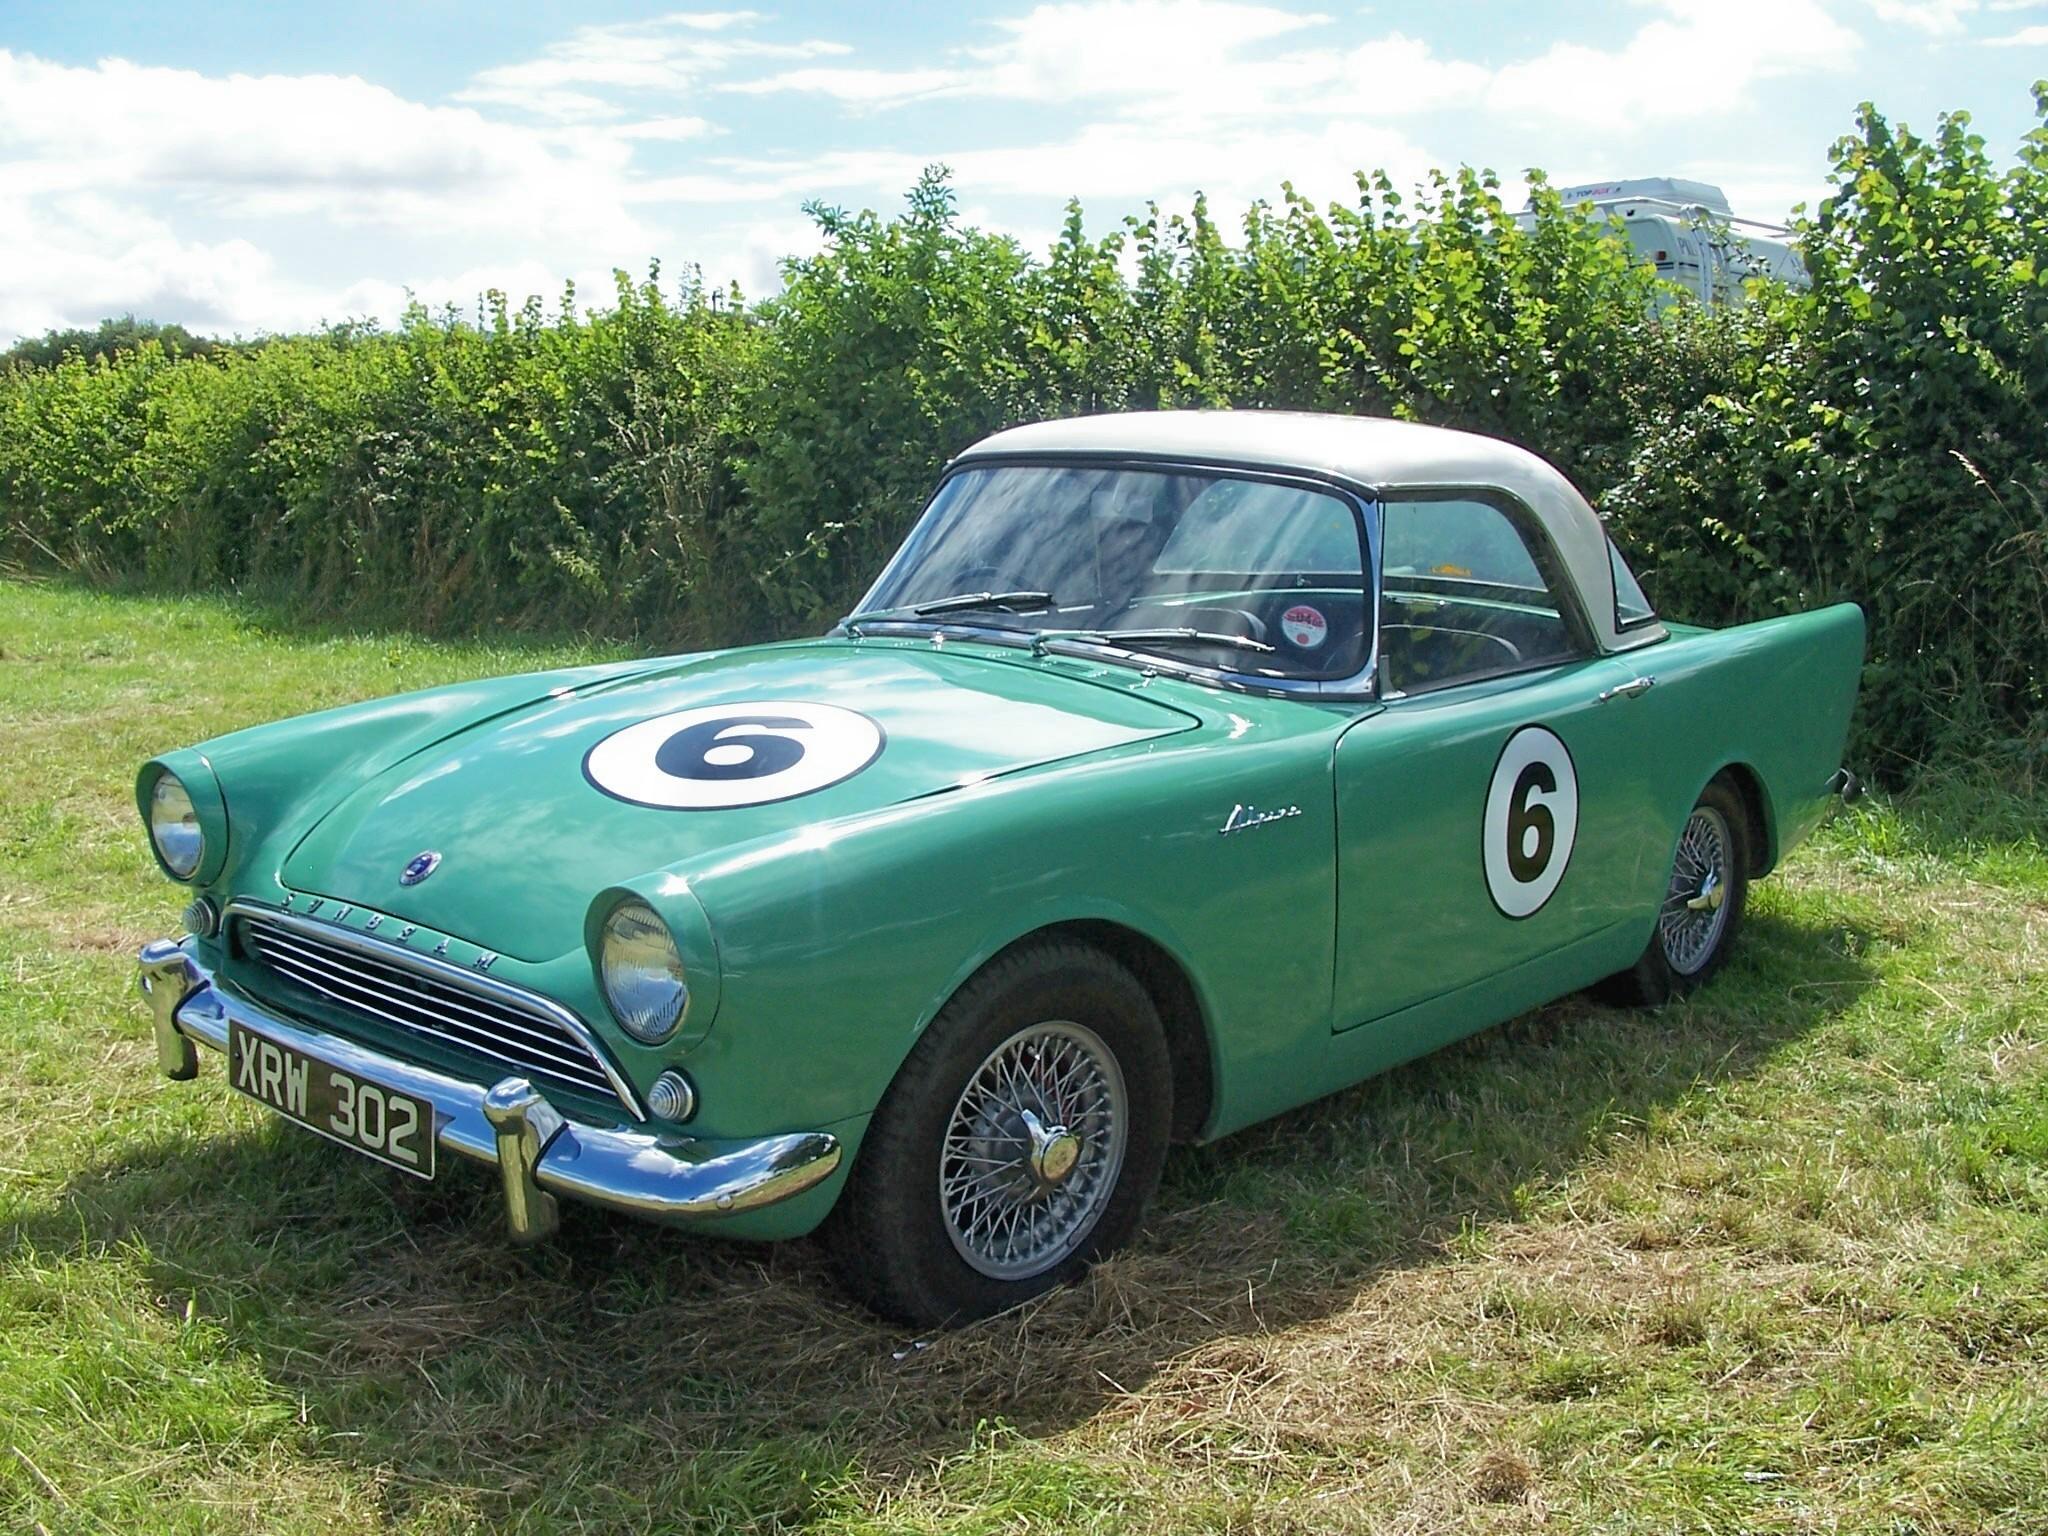 File Bernard Unett S First Racing Car Sunbeam Alpine Xrw